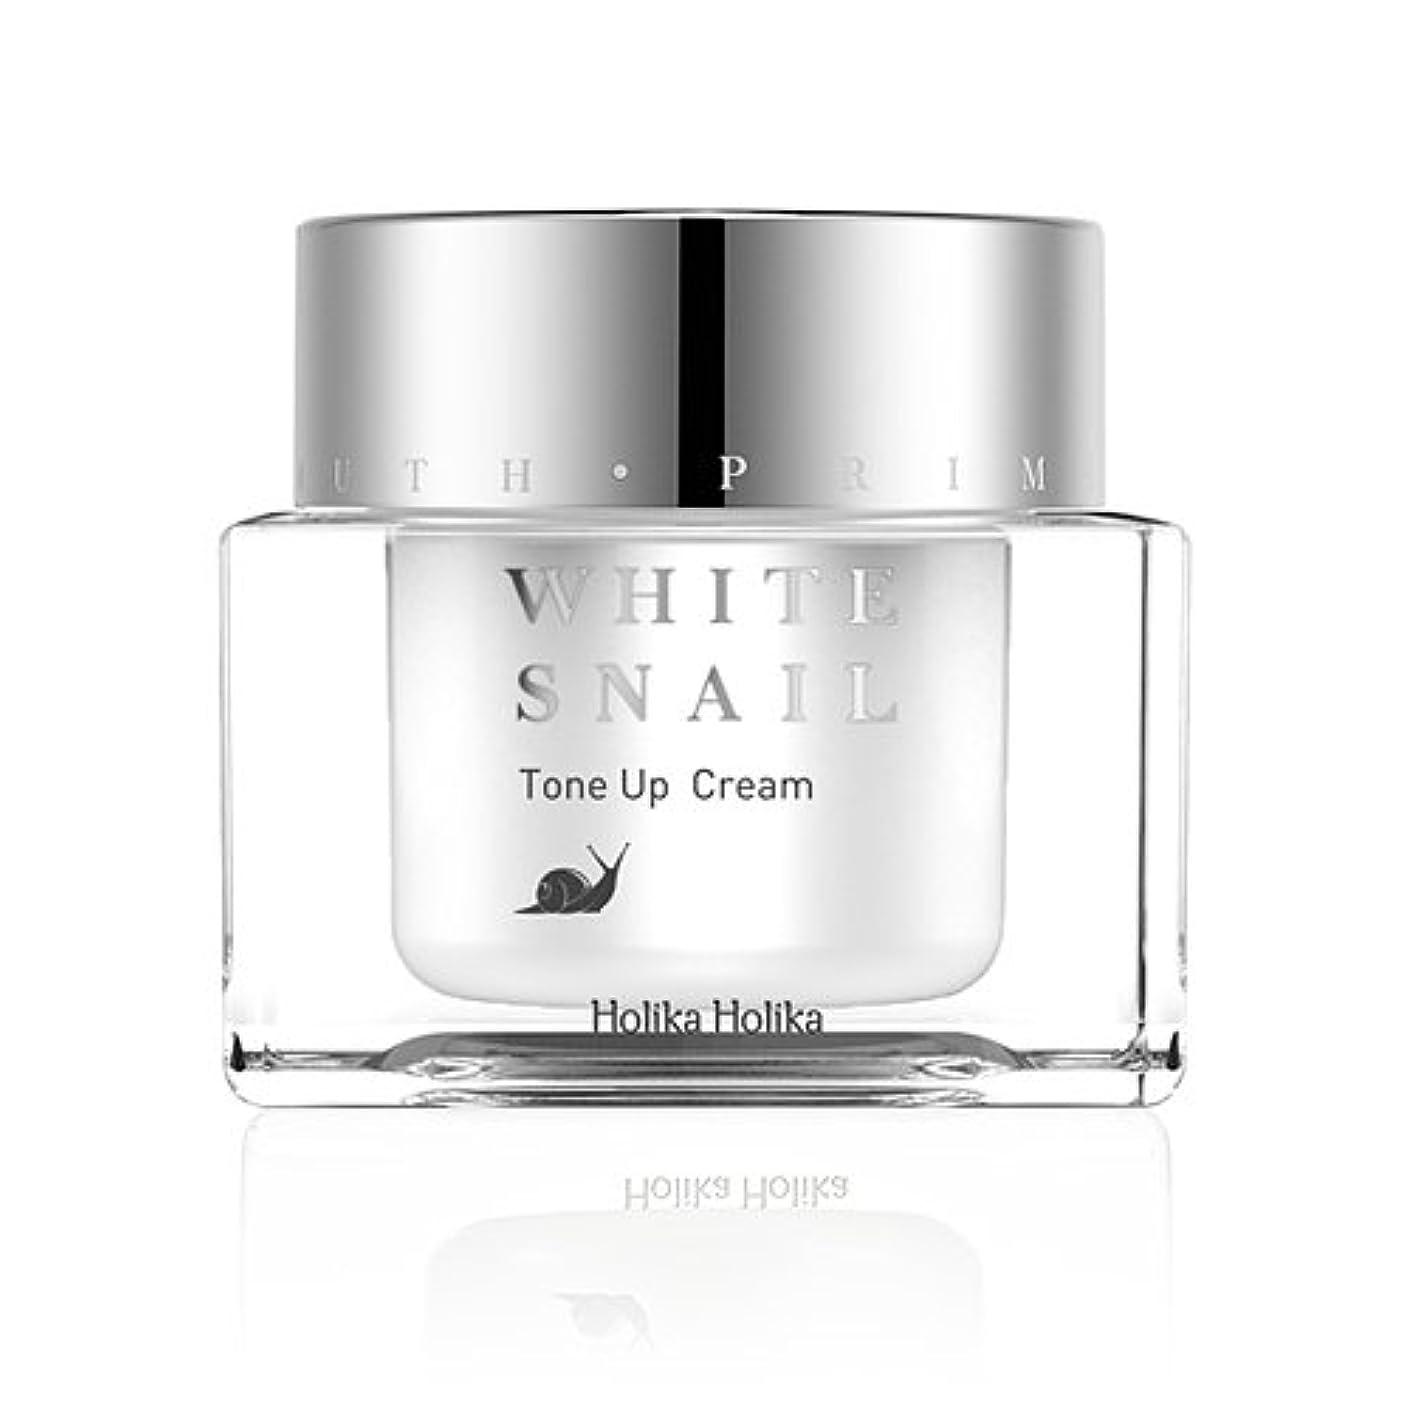 シャンパンチャンス積極的にHolikaHolika(ホリカホリカ) Prime Youth White Snail Tone-Up Cream プライムユースホワイトスネイルトーンアップクリーム カタツムリ エスカルゴ [並行輸入品]